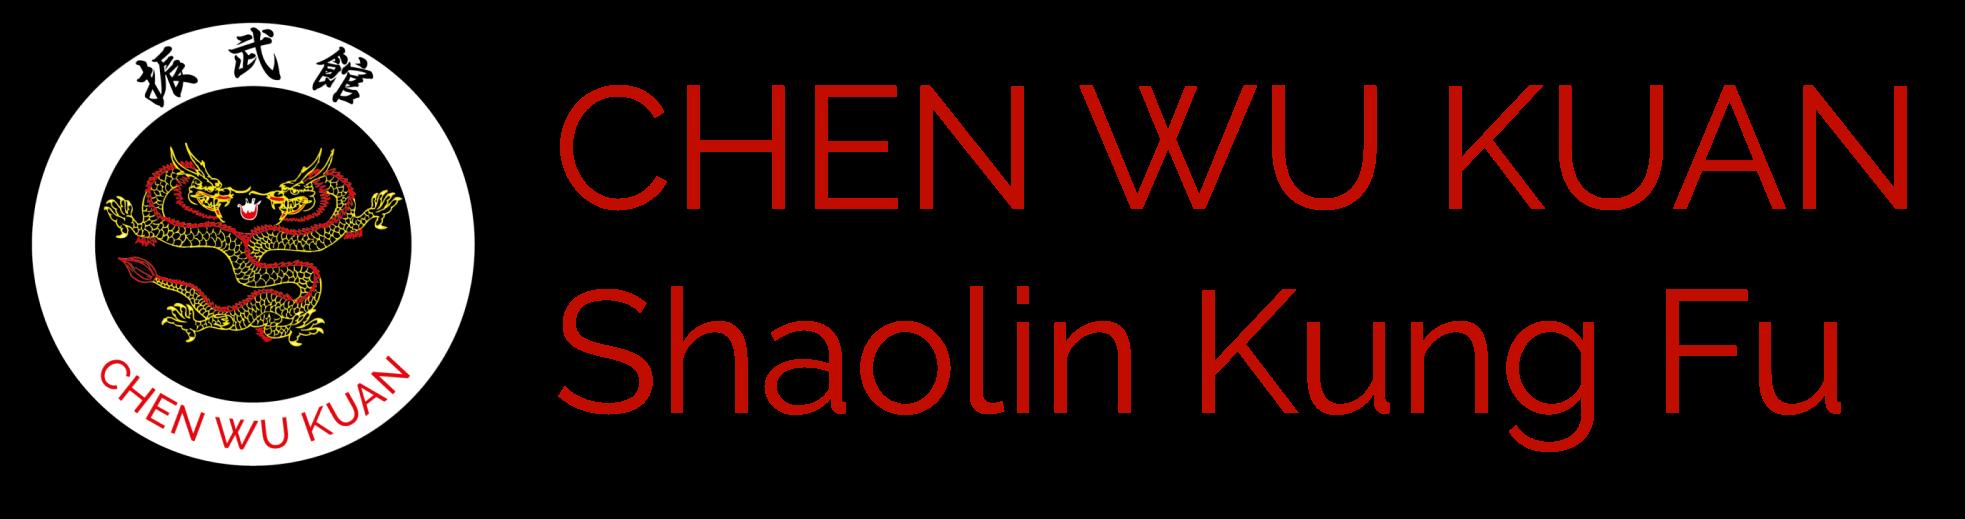 Chen Wu Kuan